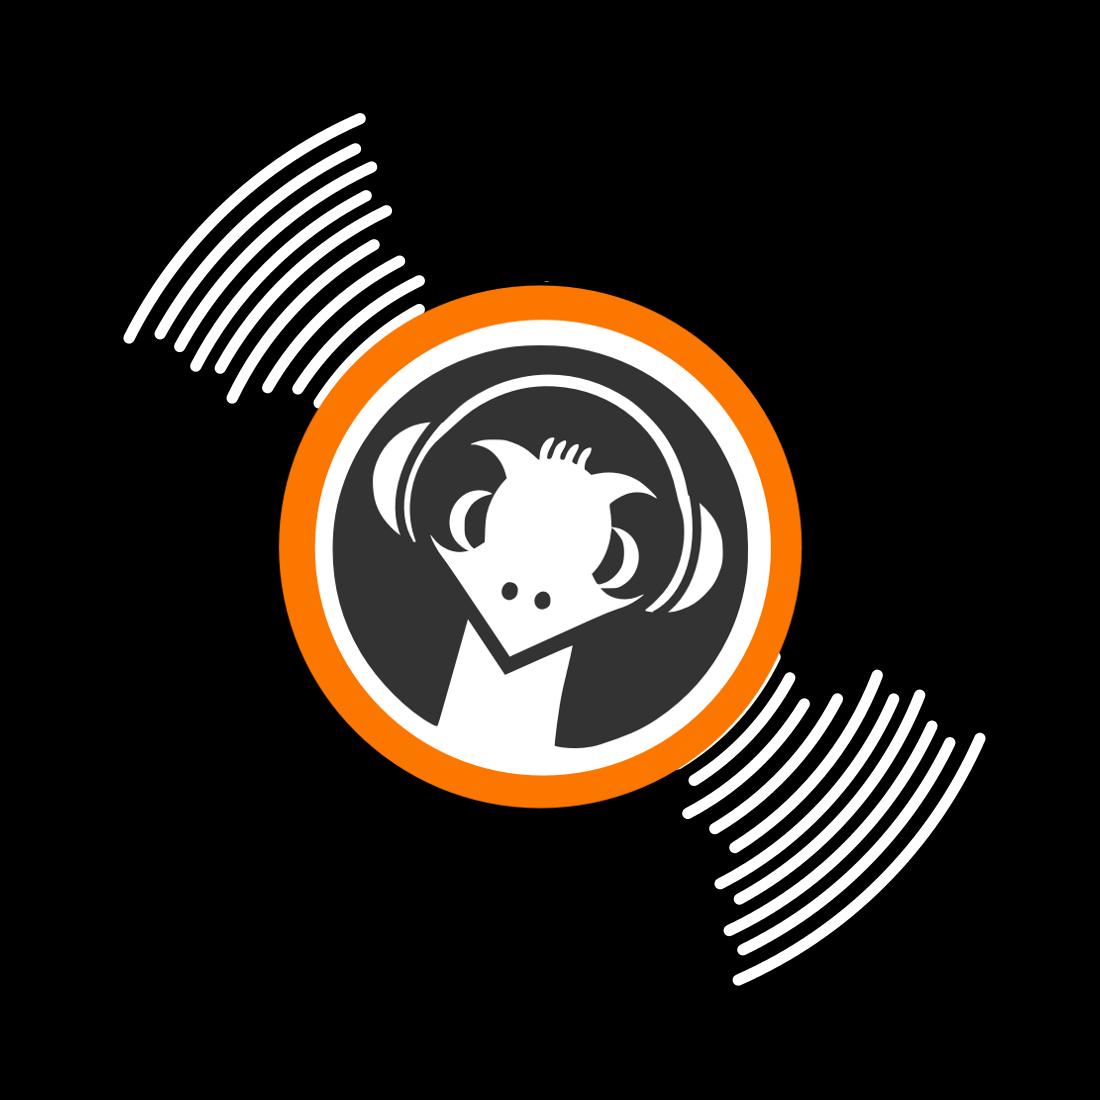 Dogmazic WebRadio (dmz.fm)